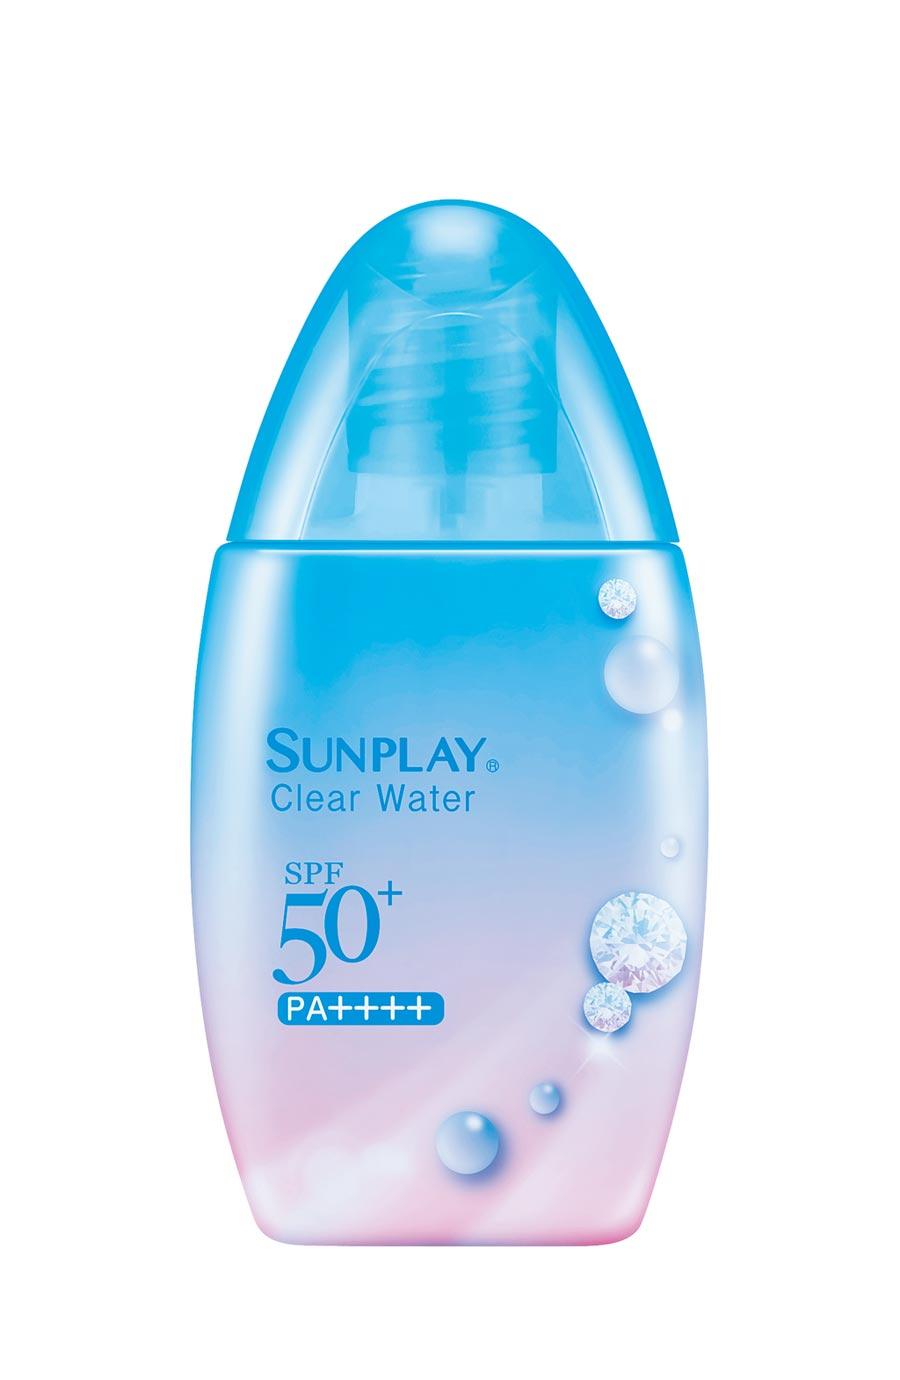 曼秀雷敦SUNPLAY柔光美肌防曬乳液30g,220元。(曼秀雷敦提供)